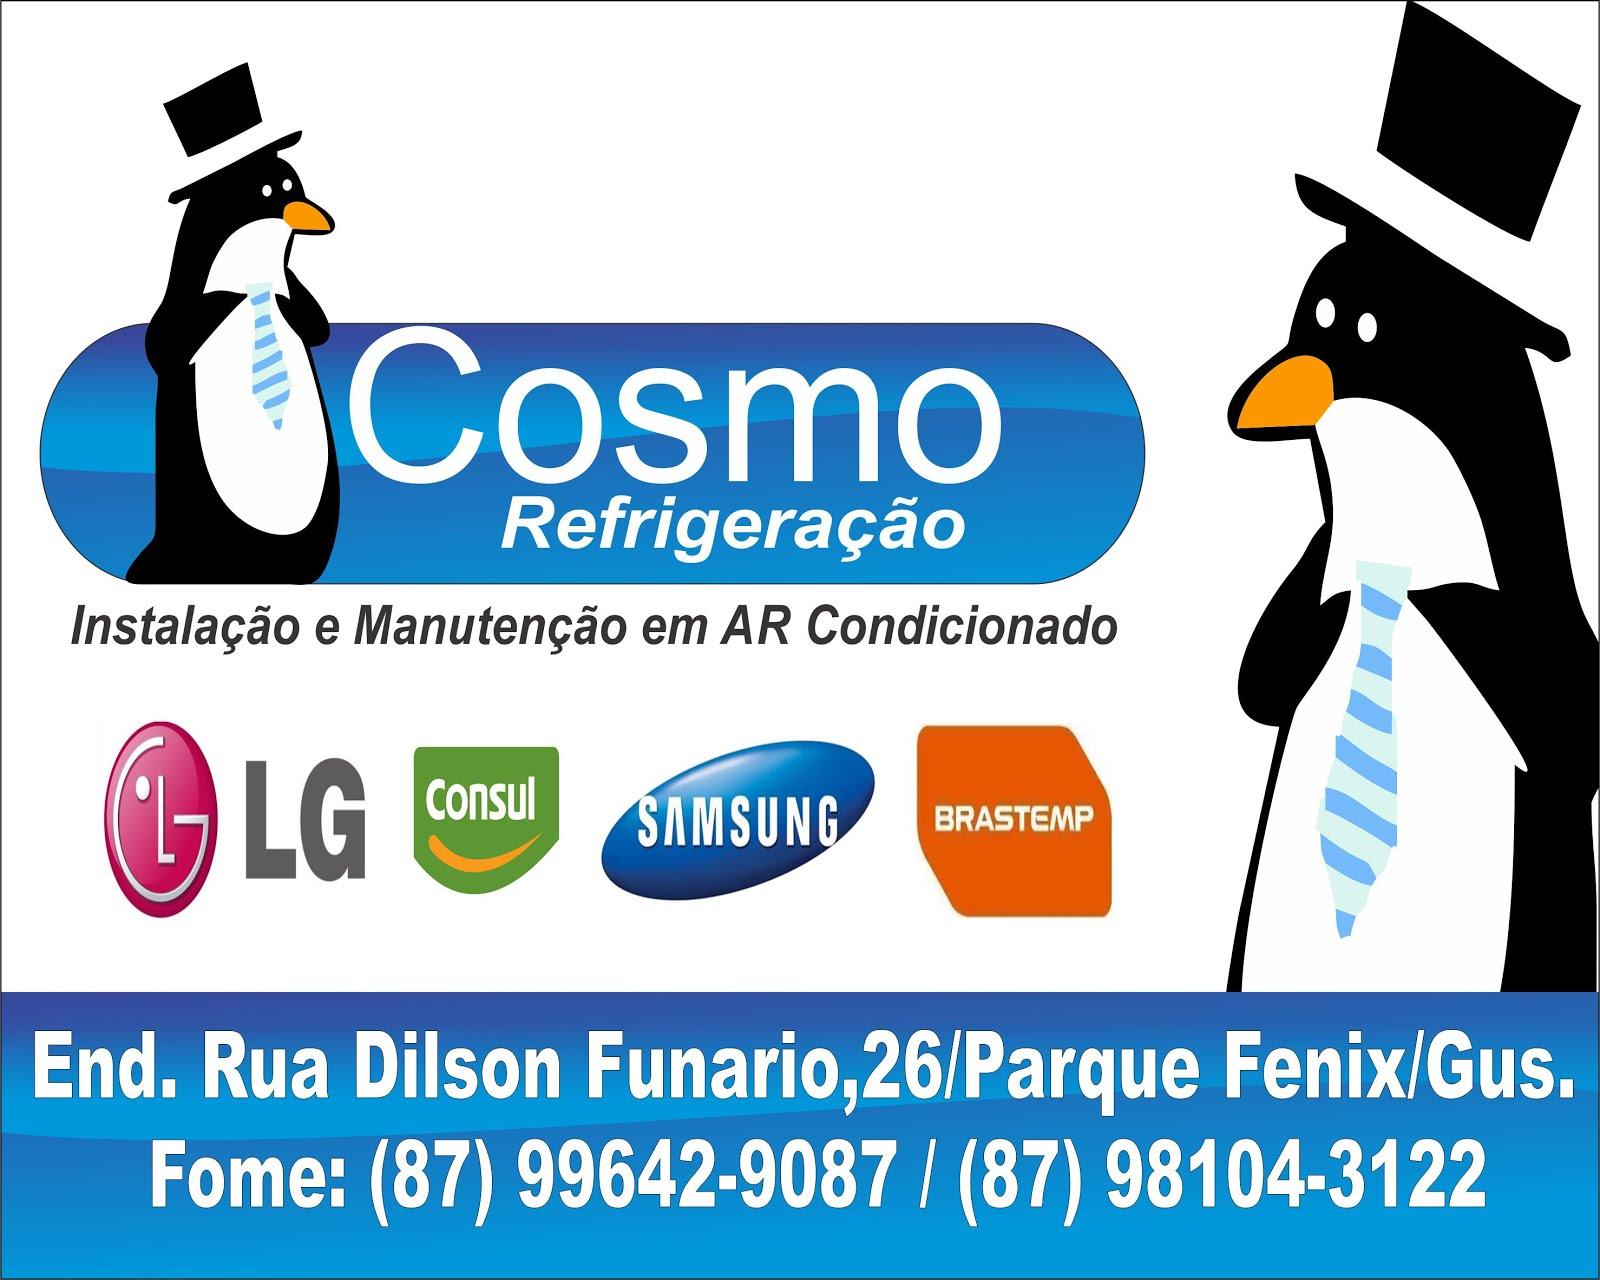 Cosmo Refrigeração.